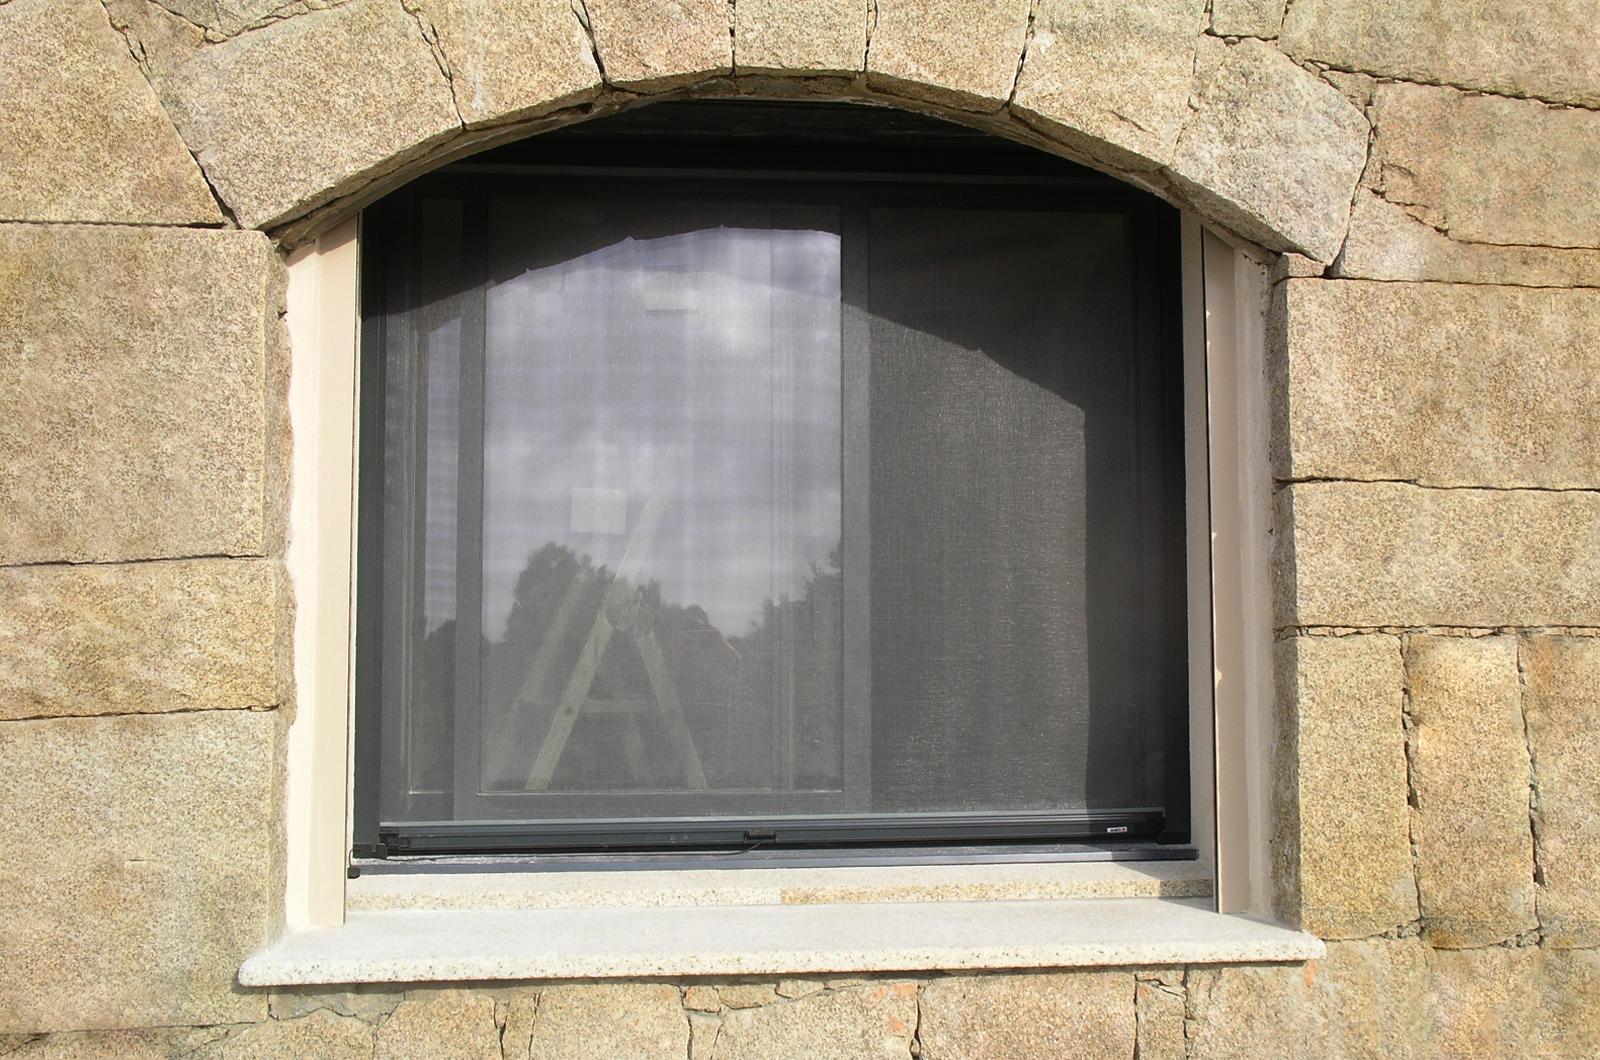 moustiquaires arc en ciel menuiserie aluminium pvc. Black Bedroom Furniture Sets. Home Design Ideas